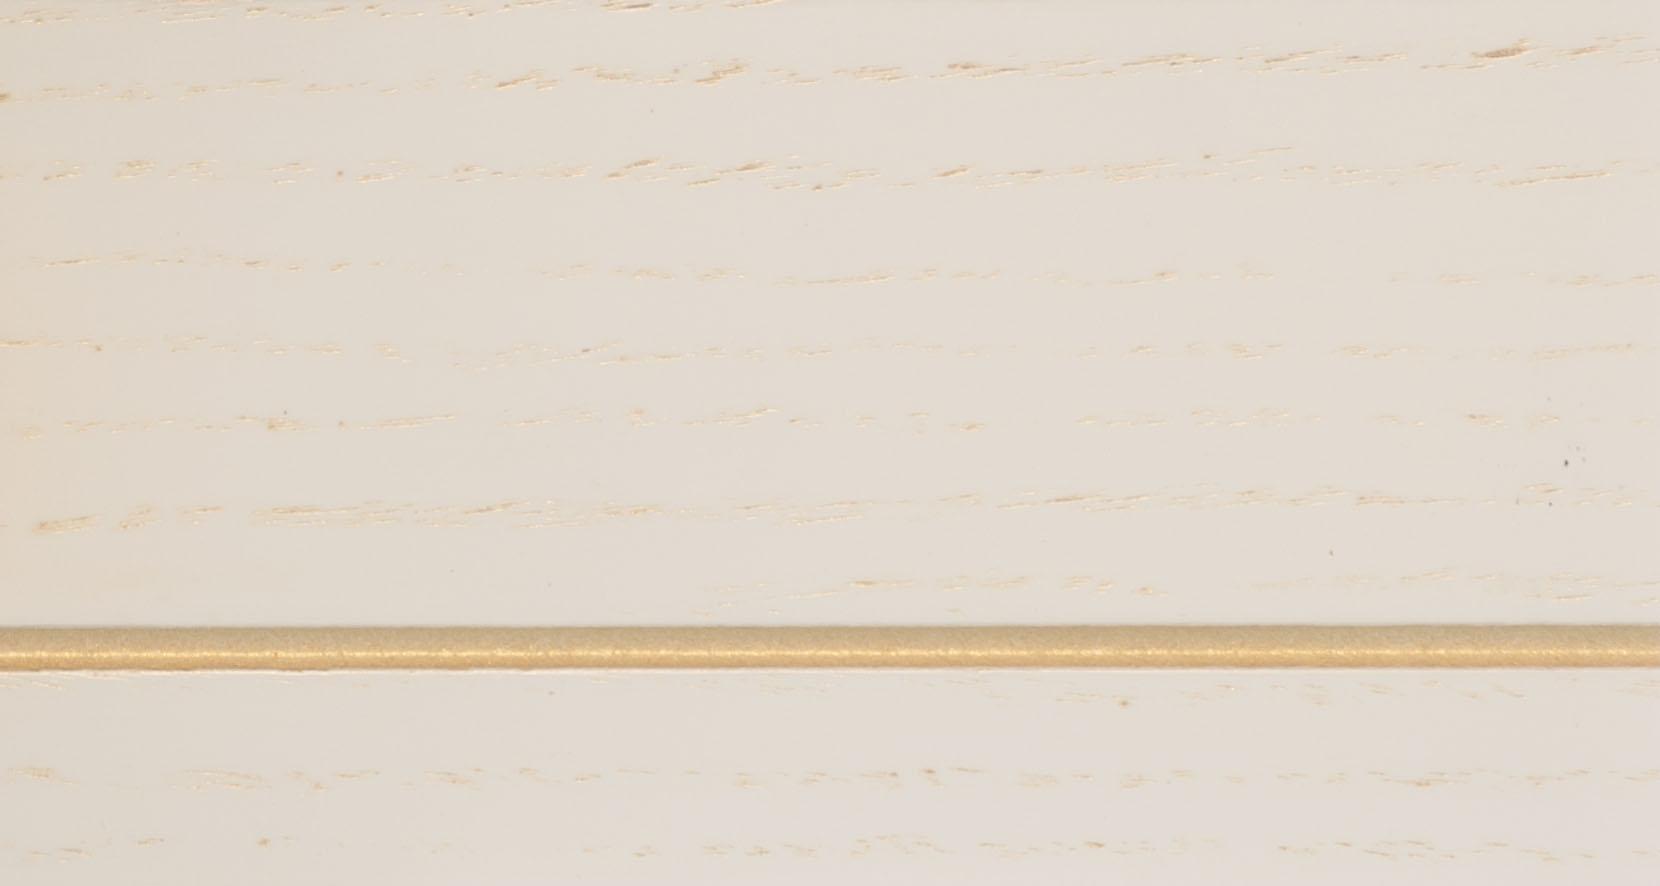 Тон 14. Тонировка II категории: эмаль белая, патина золото